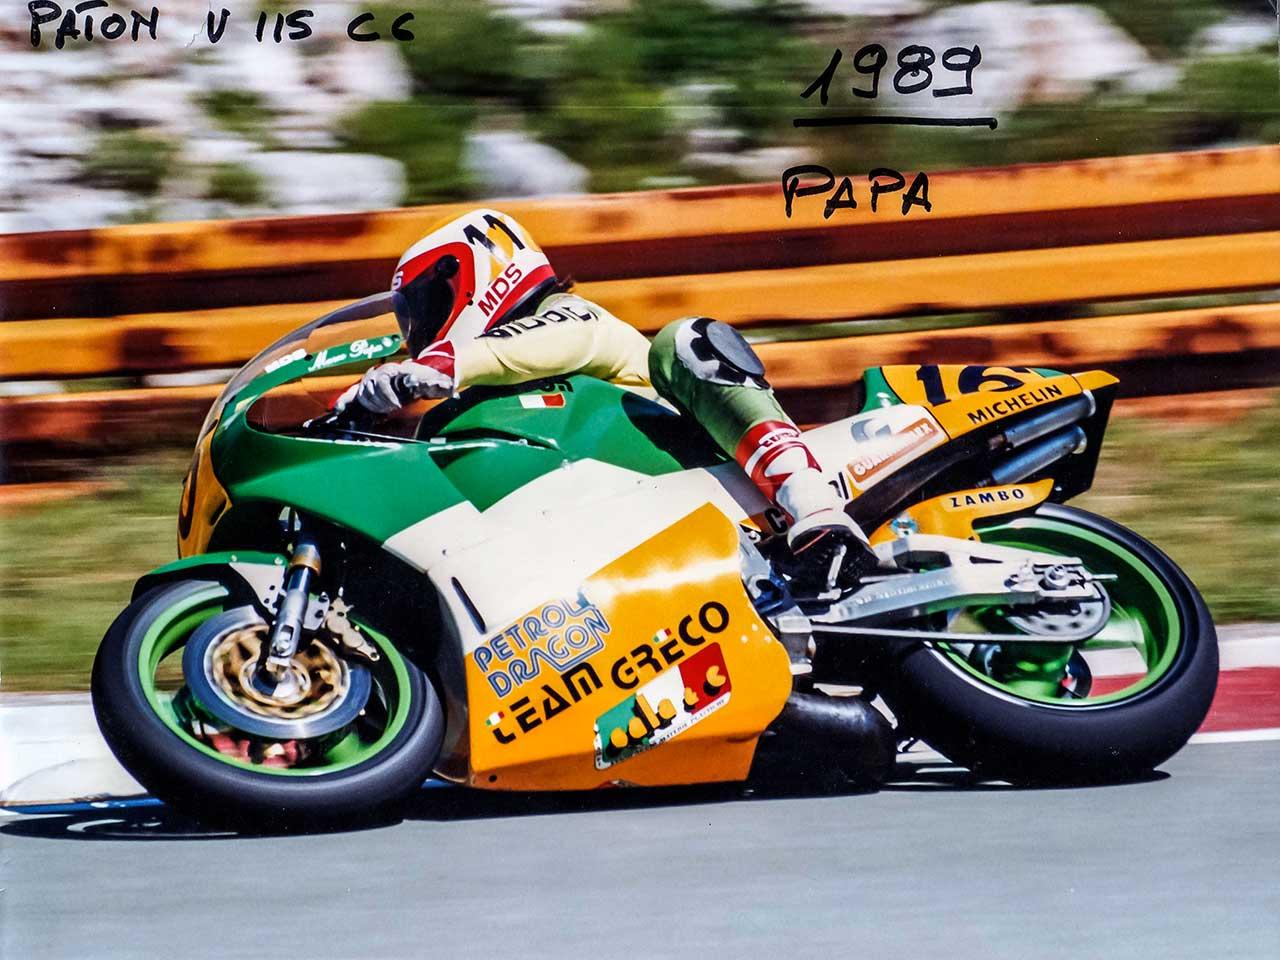 Paton_Storia-Anni80_Marco-Papa-Rijeka_Campionato-Mondiale-500cc-1989